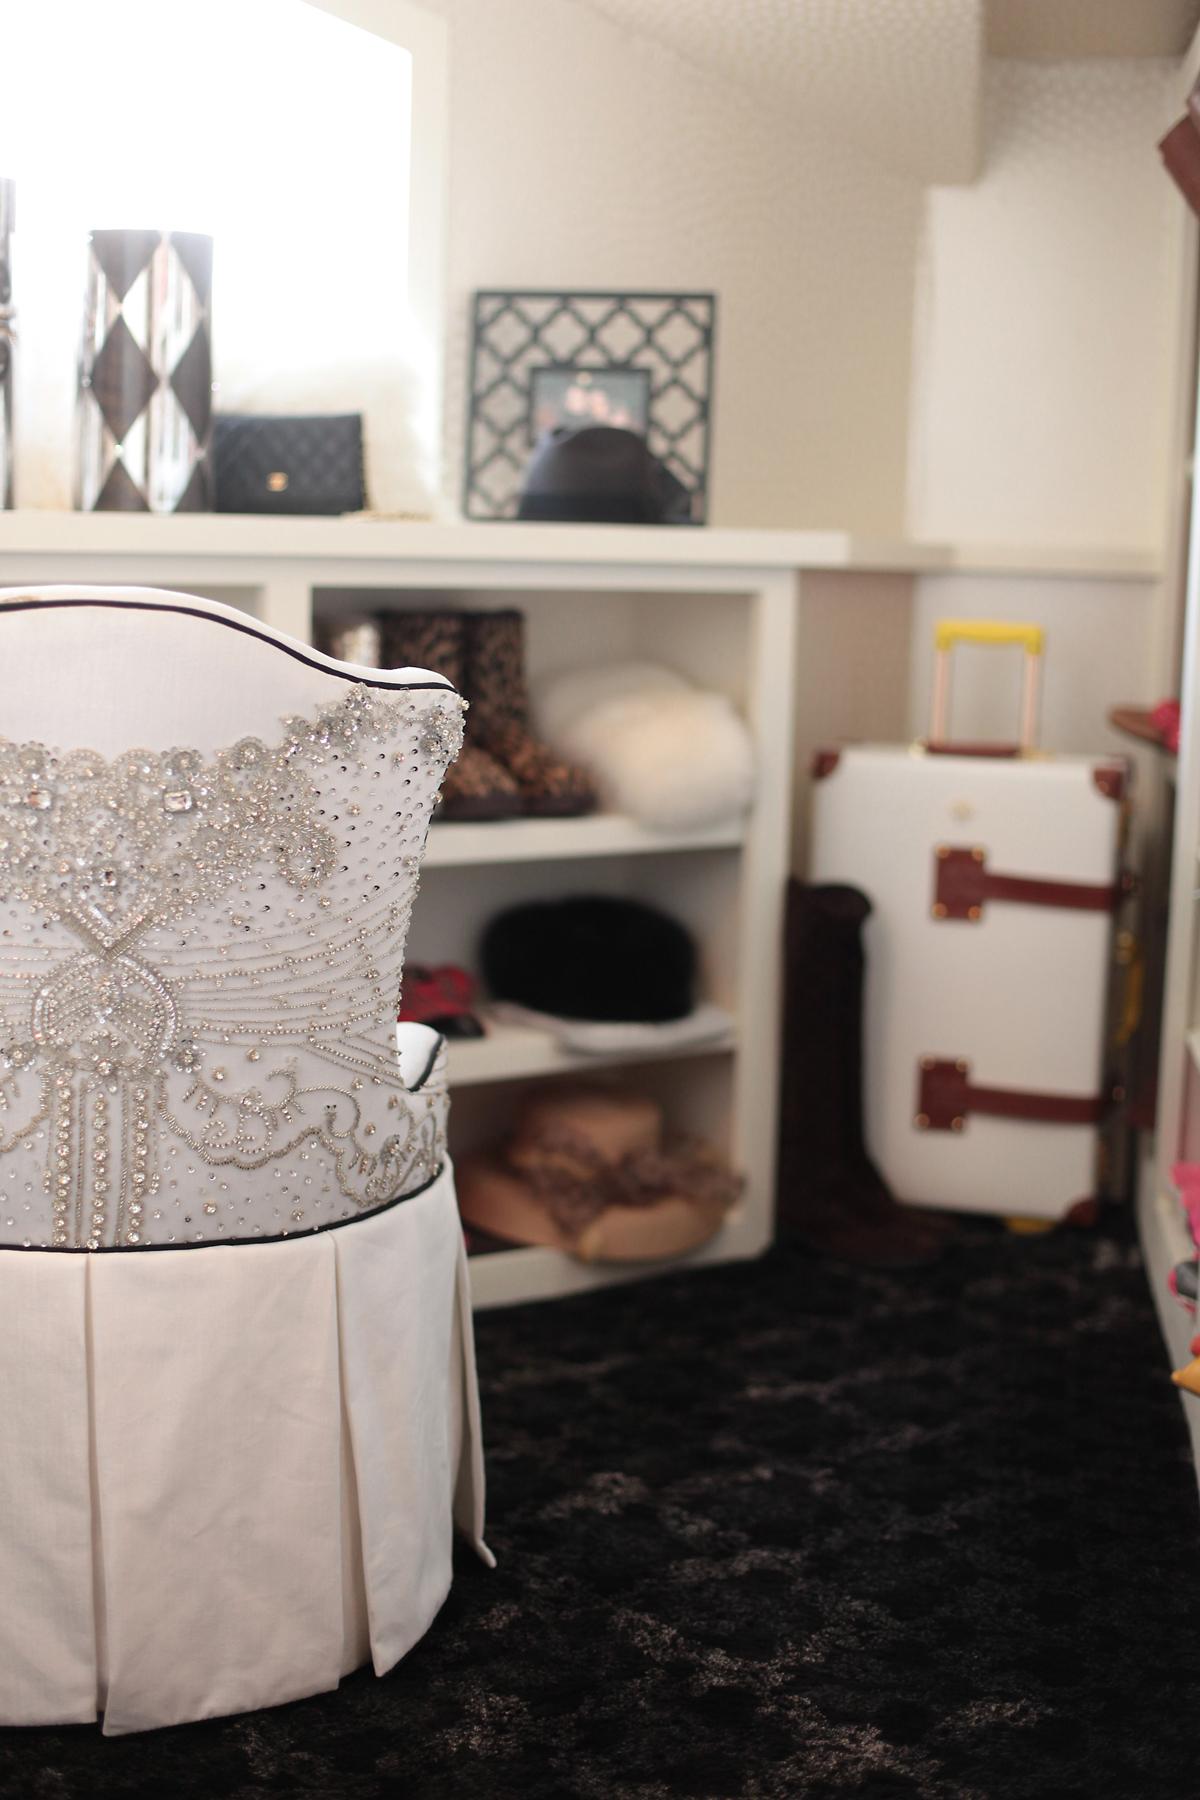 vanity chair detail.jpg